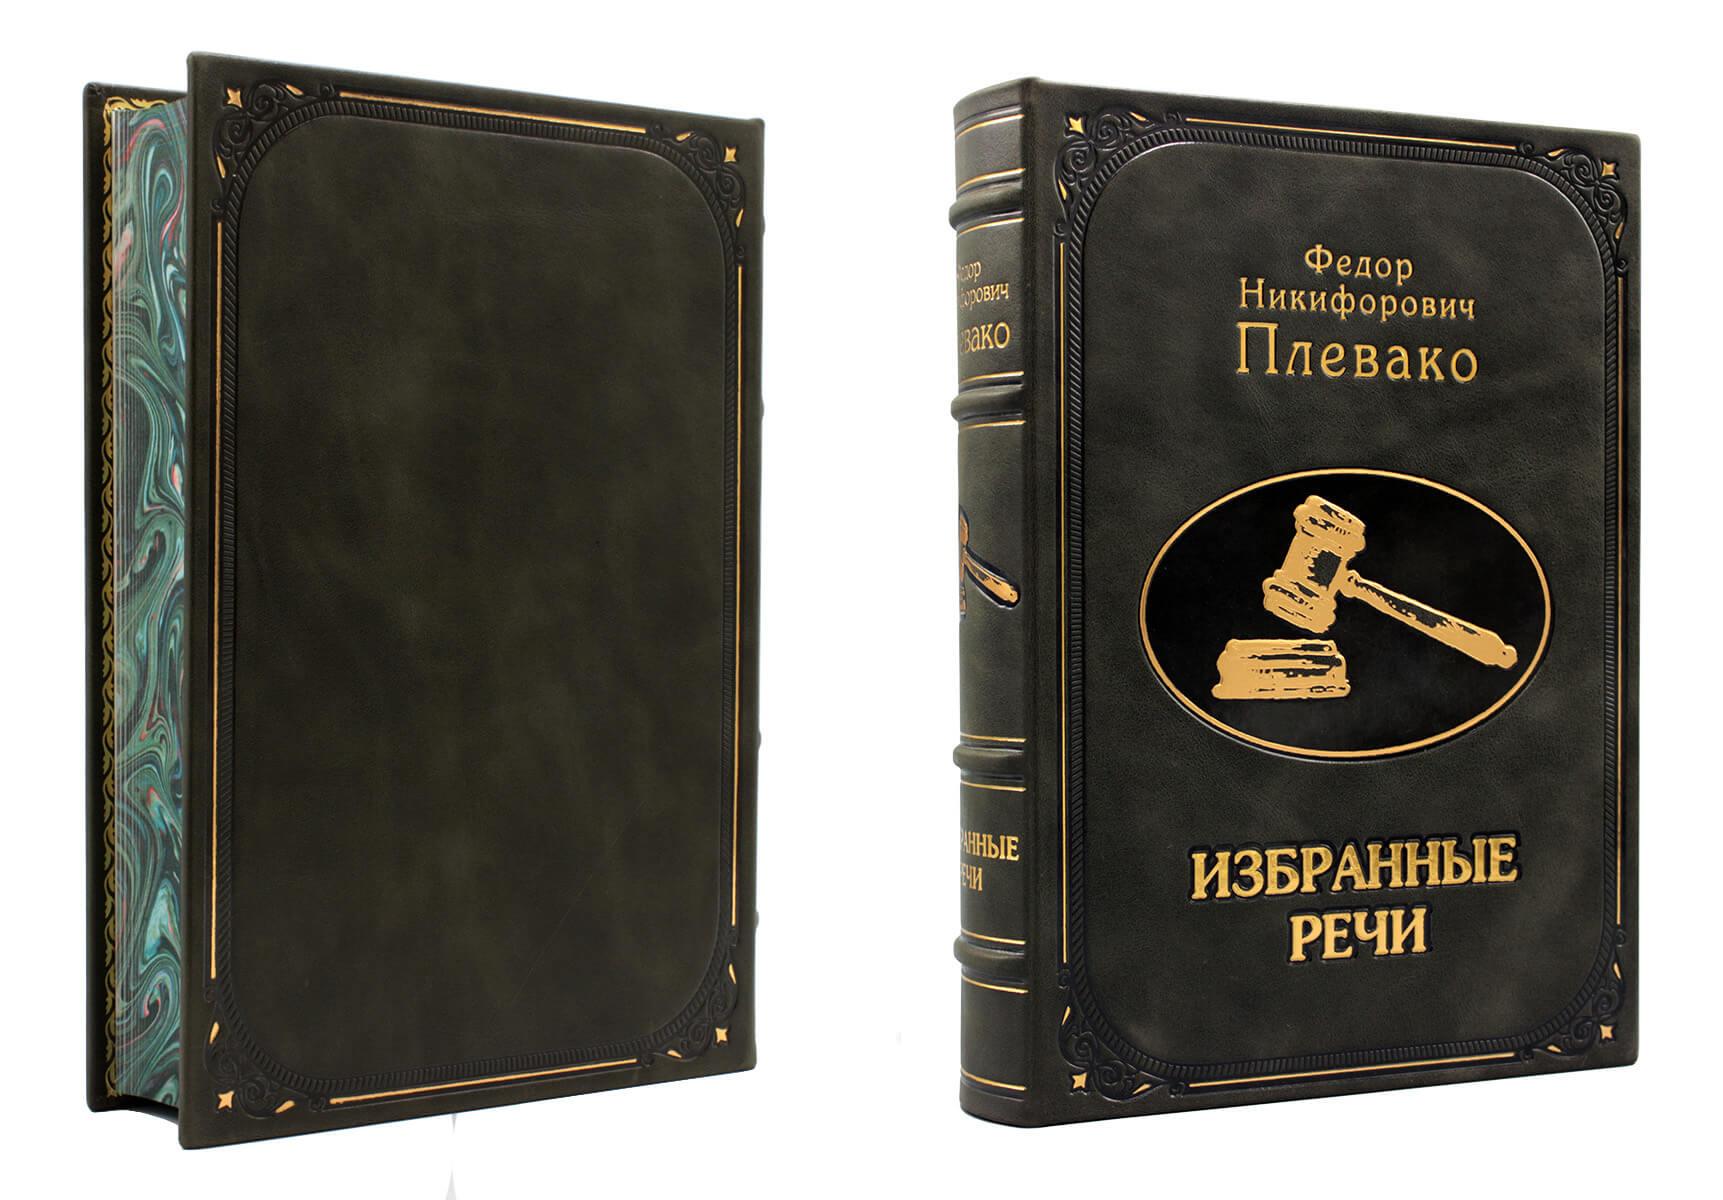 Избранные речи Федор Никифорович Плевако книга вид с двух сторон